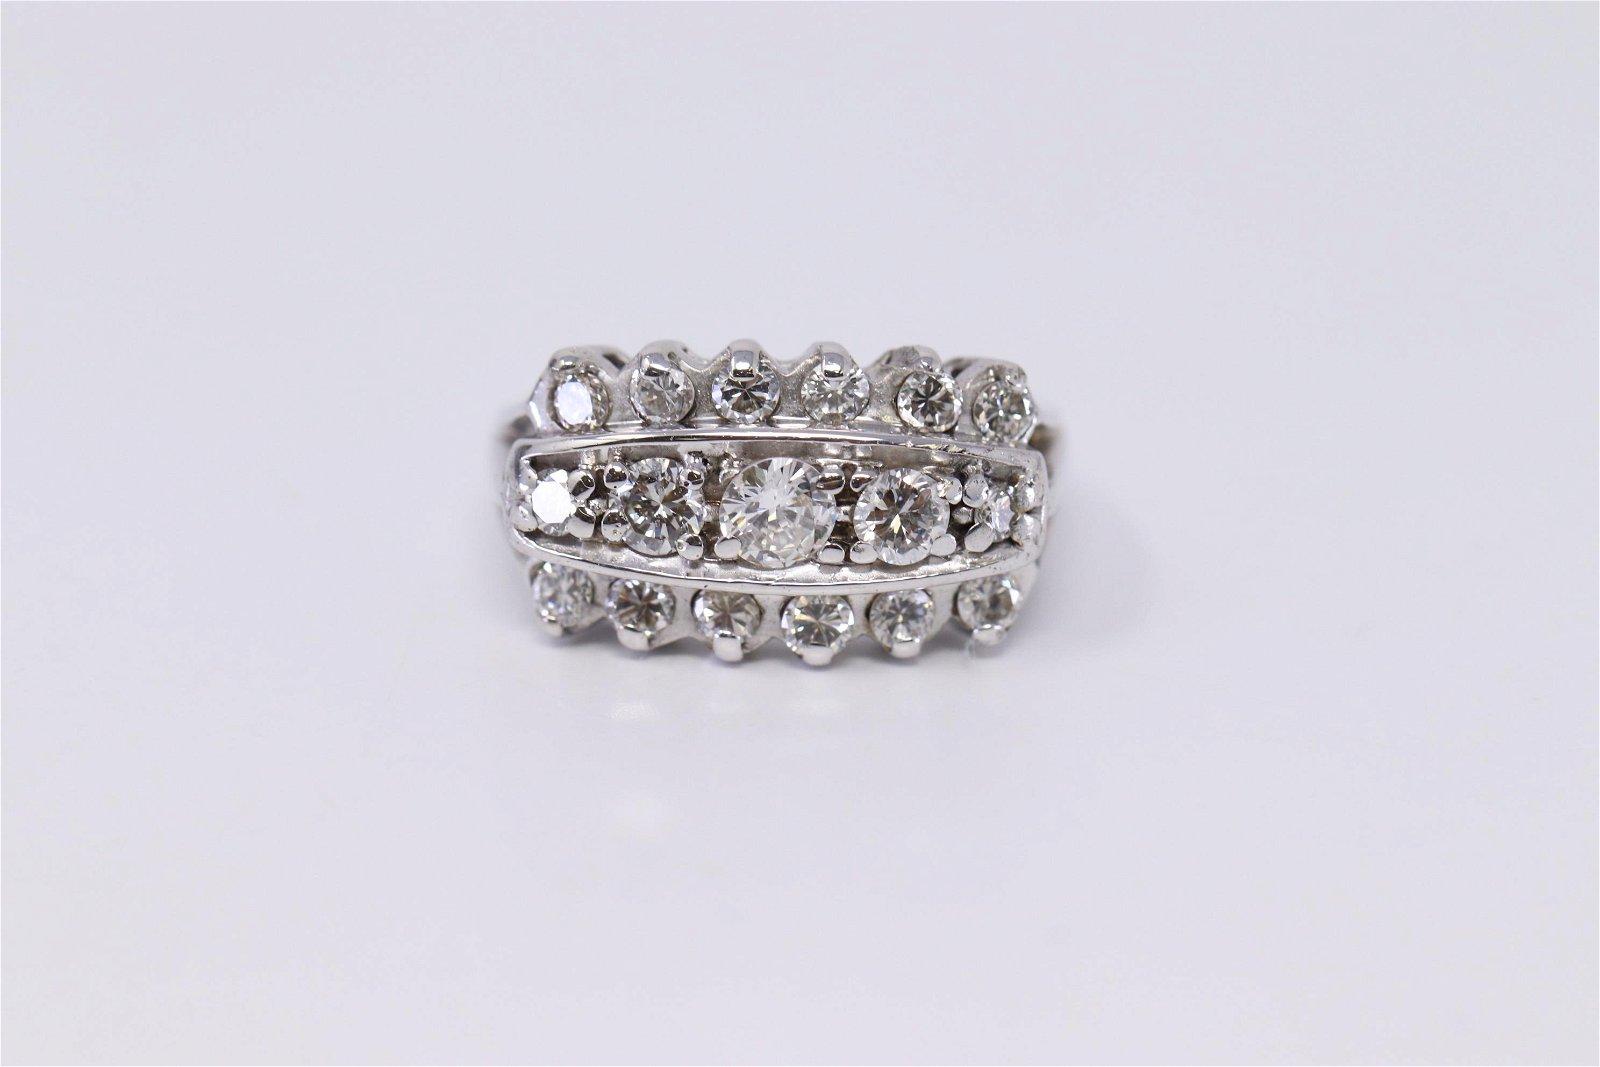 14K 3 Row diamond ring